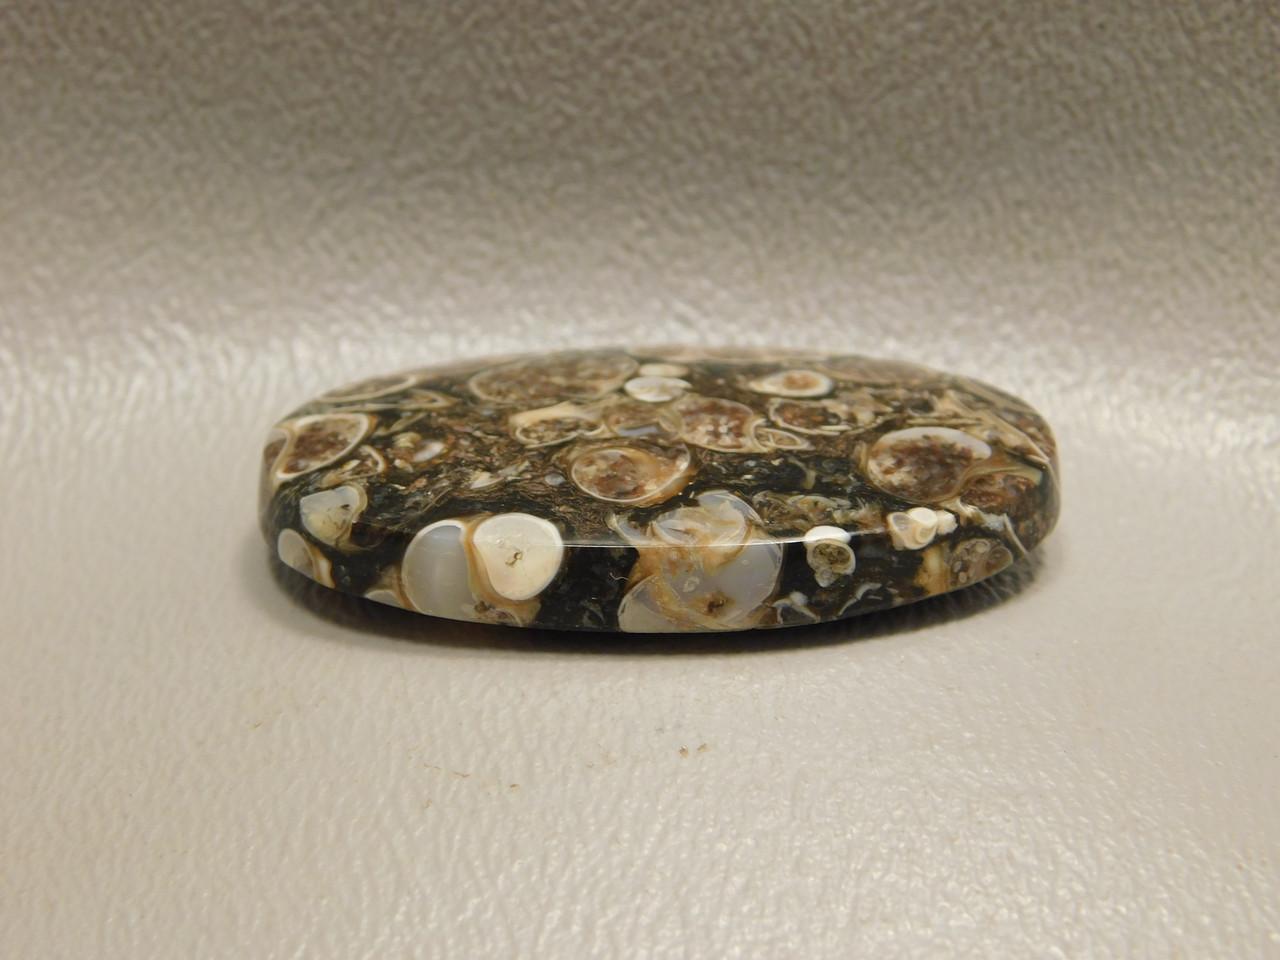 Turritella Agate 40 mm by 24 mm Oval Gemstone Fossil Cabochon #15